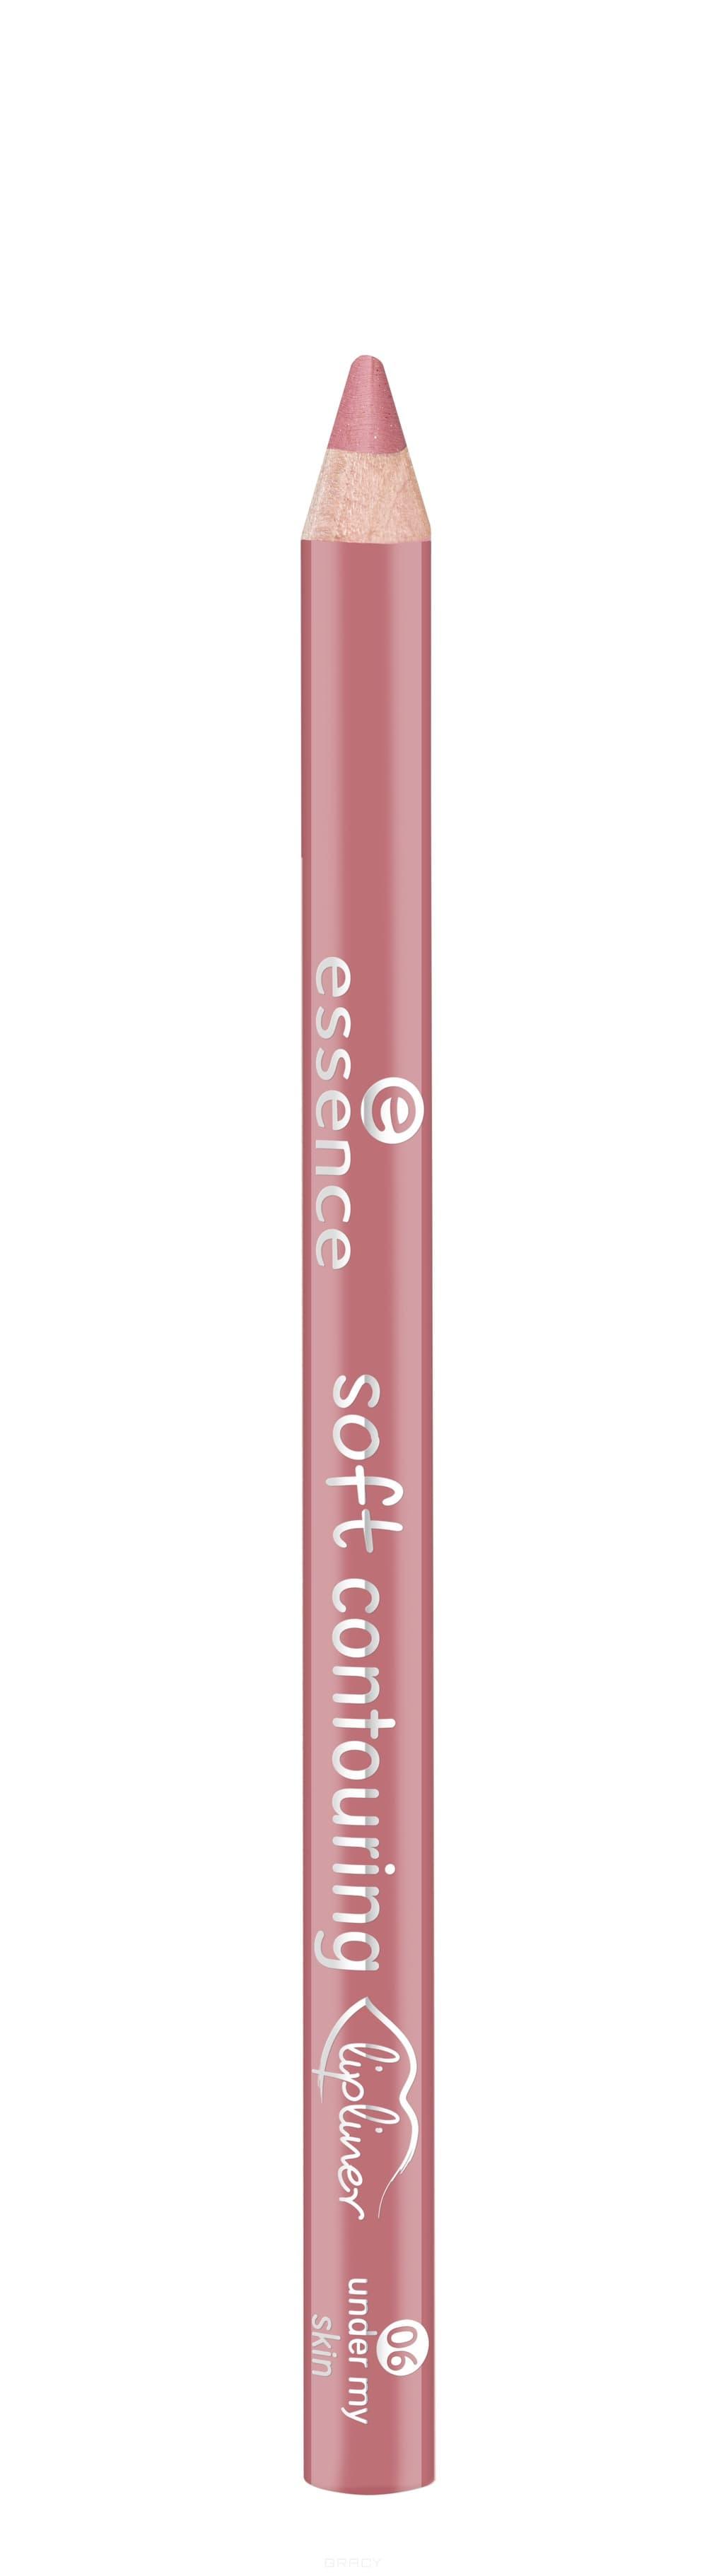 Купить Essence, Контур для губ Soft Contouring Lipliner (11 тонов) №06, розовый антик